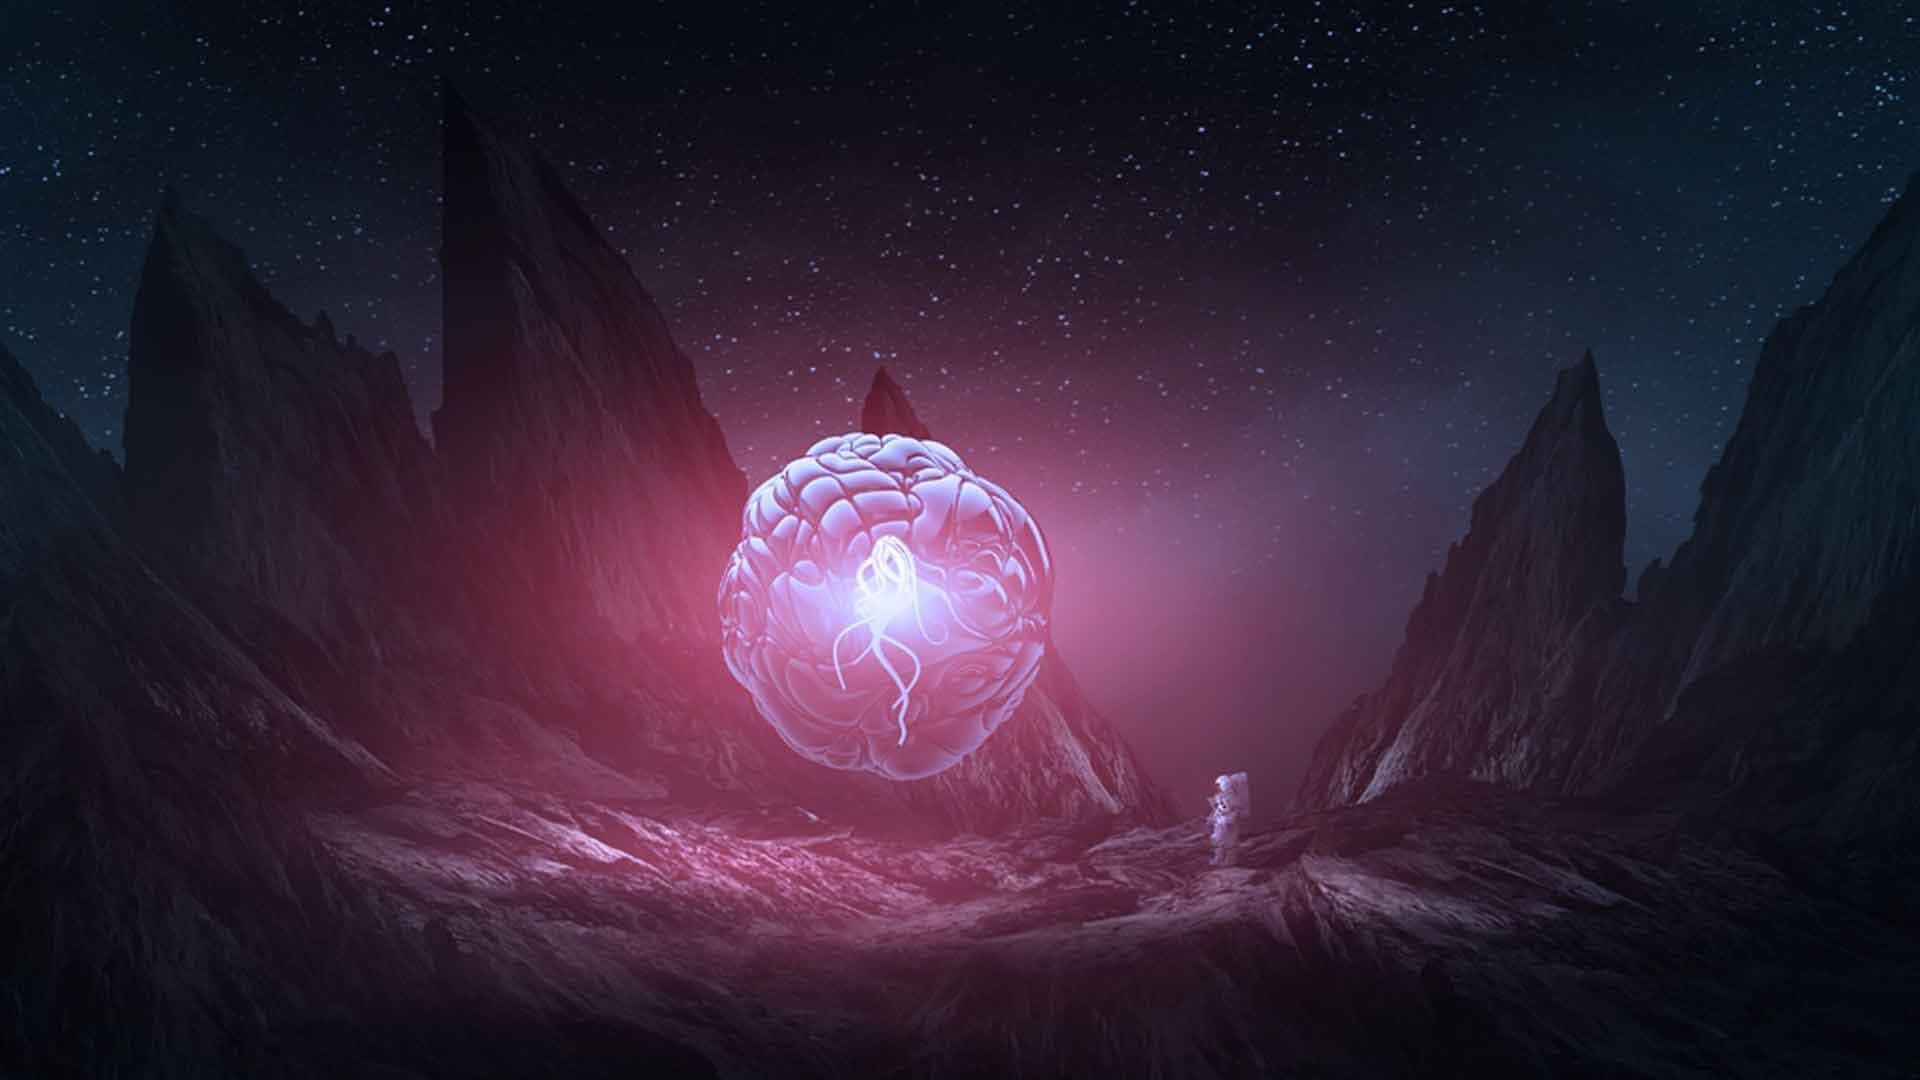 Importante científico afirma haber descubierto formas de vida alienígena